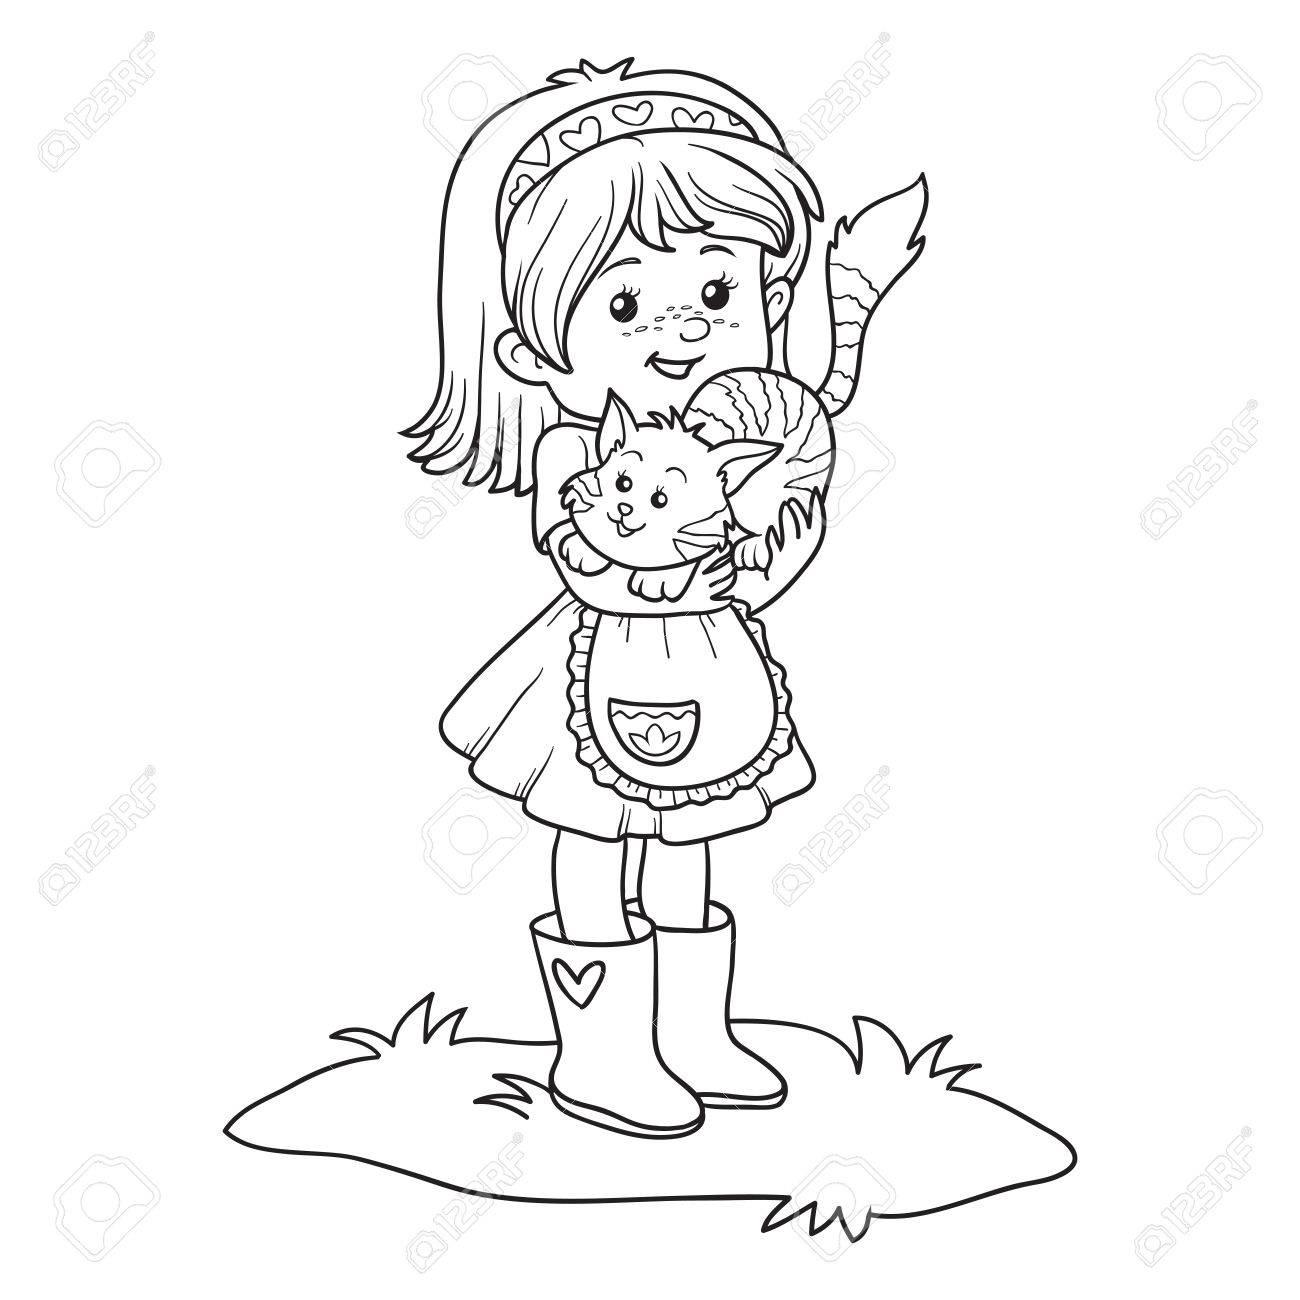 Coloriage Fille Avec Chat.Livre A Colorier Pour Les Enfants Petite Fille Avec Chat Mignon